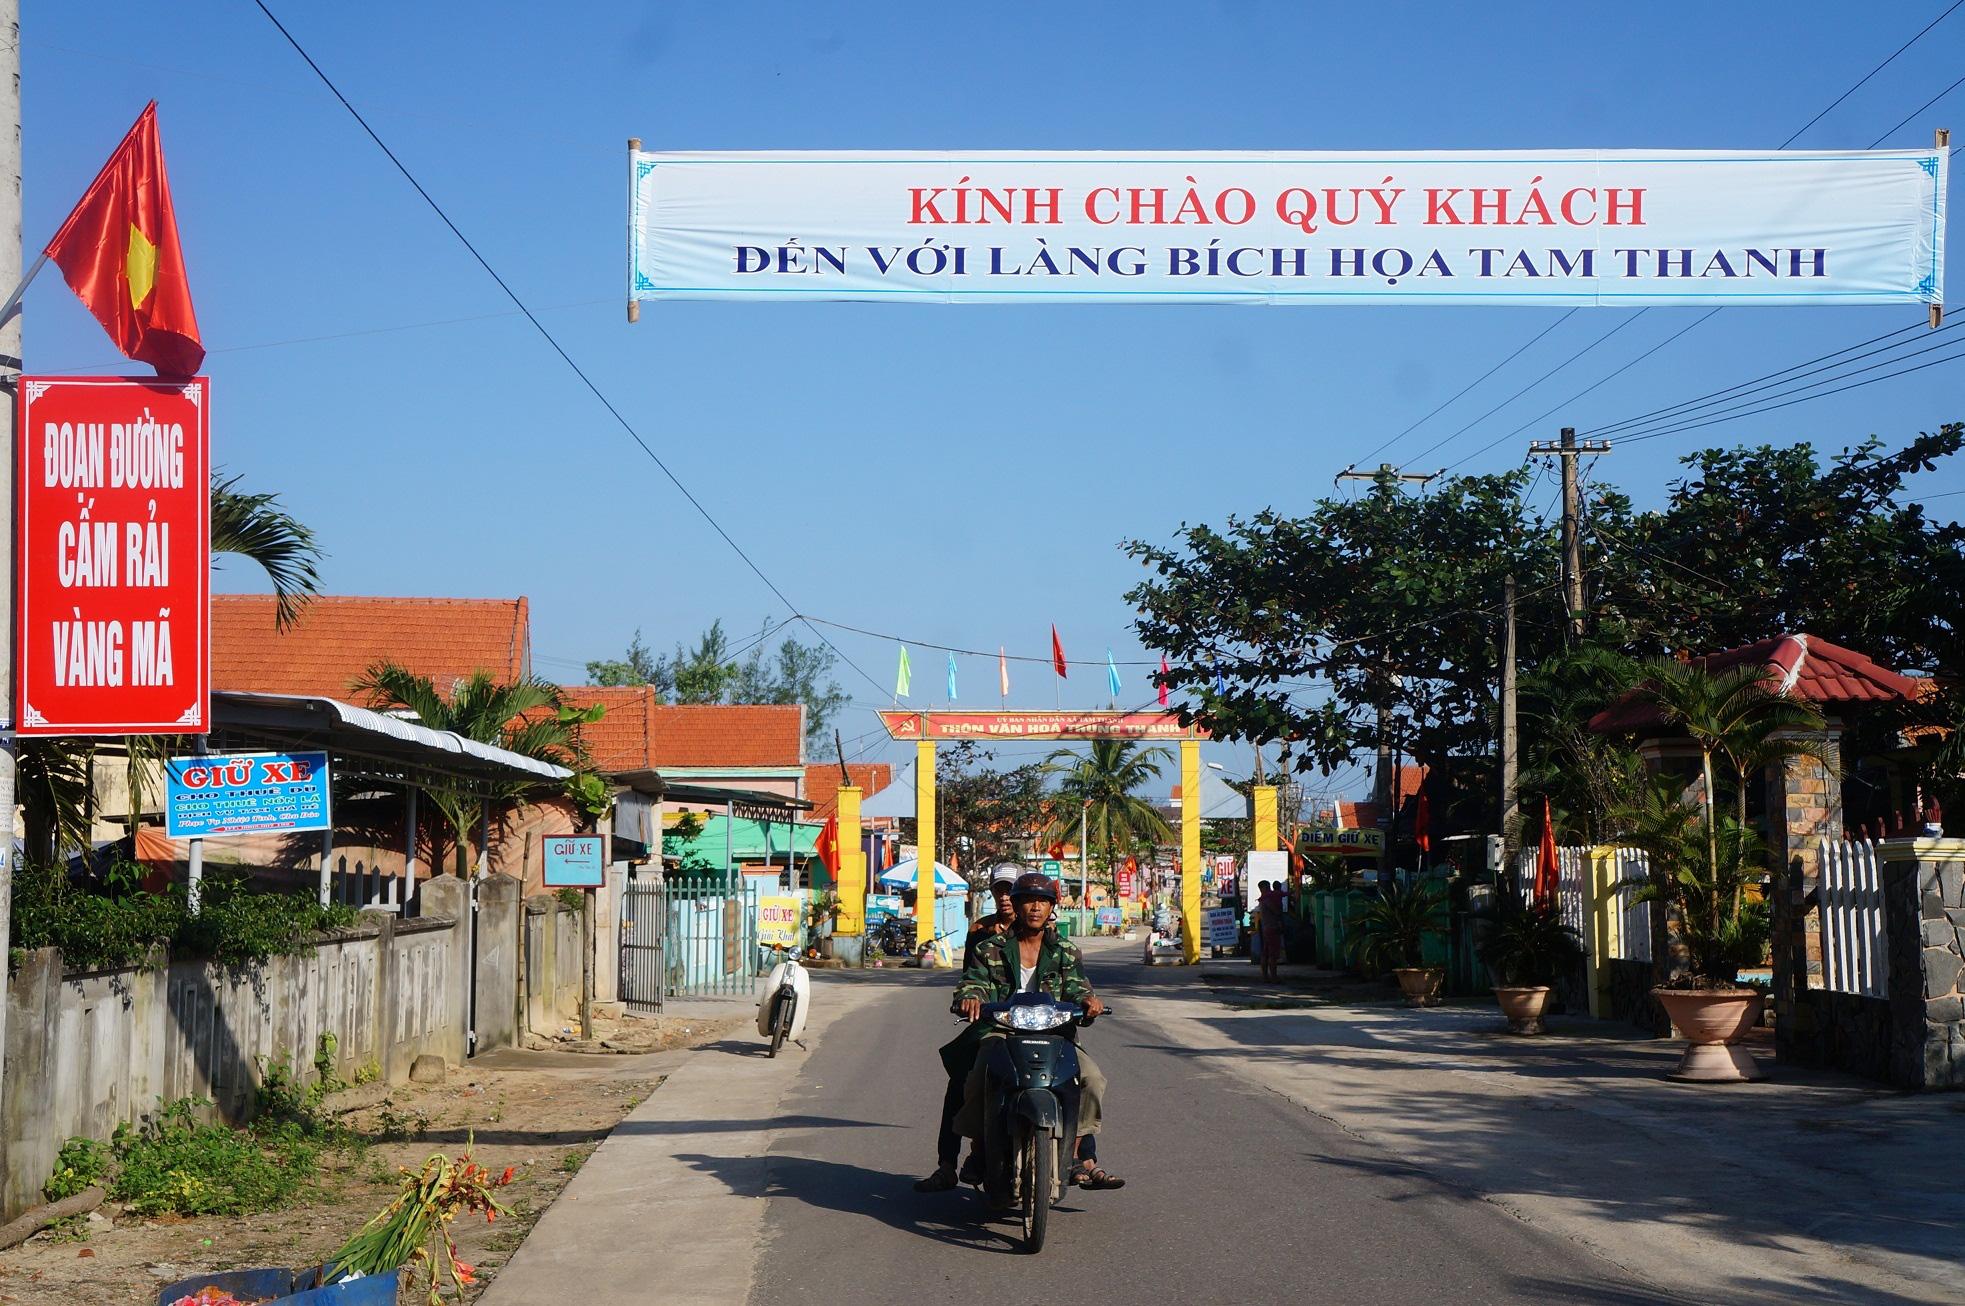 Quảng Nam: Thành phố Tam Kỳ đạt chuẩn Nông thôn mới, dân vùng nông thôn có thu nhập gần 54 triệu đồng/năm - Ảnh 4.